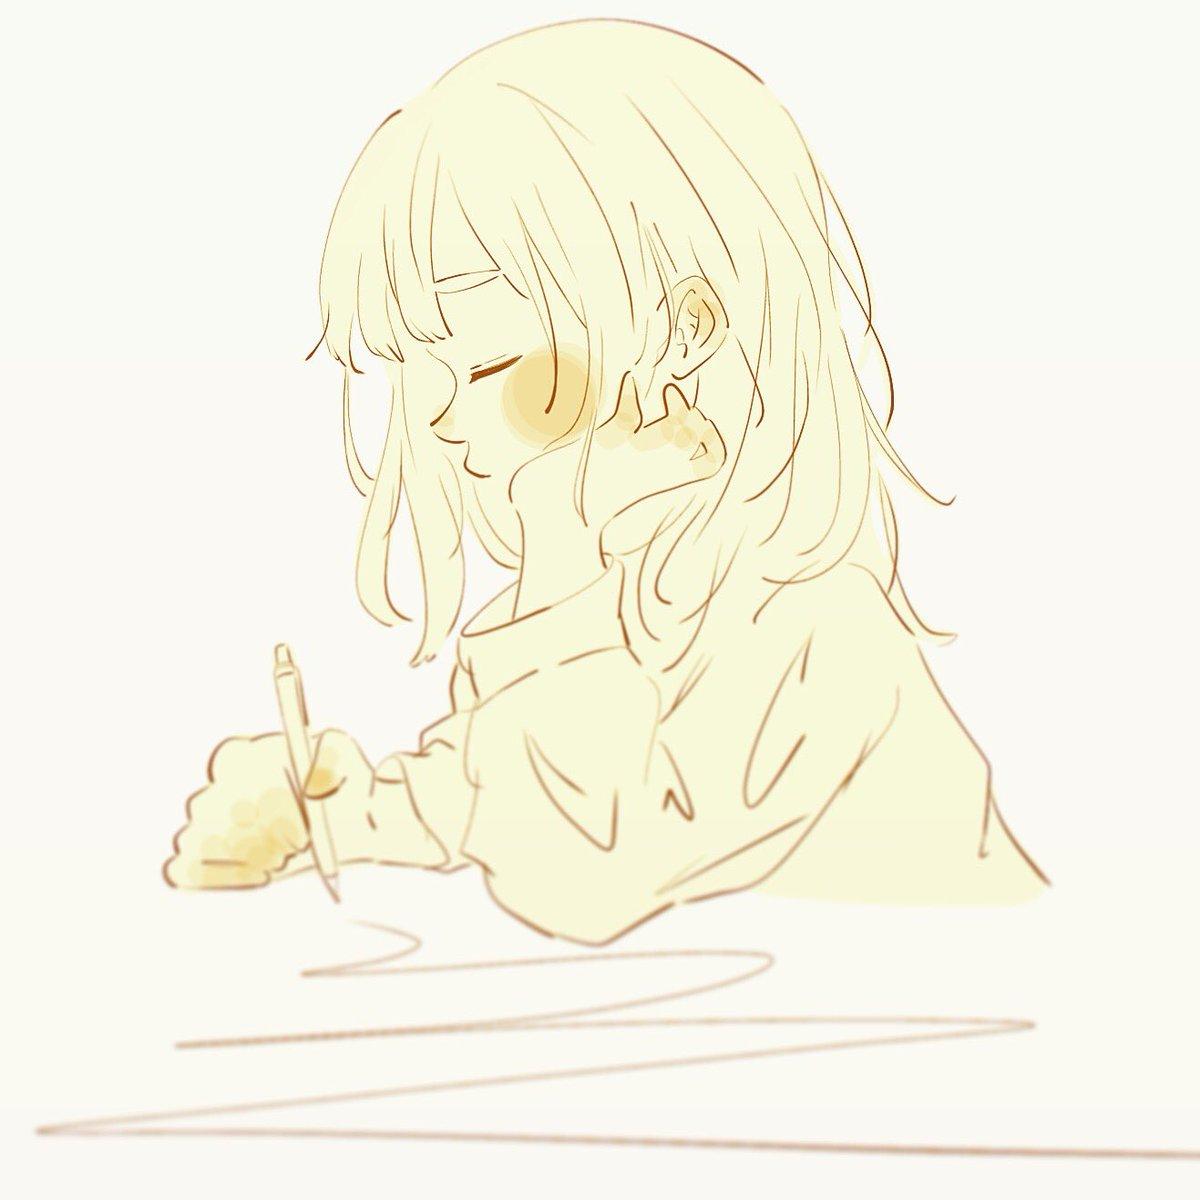 ね あ в твиттере 眠いよ 女の子 眠い 黄色 頬杖 イラスト